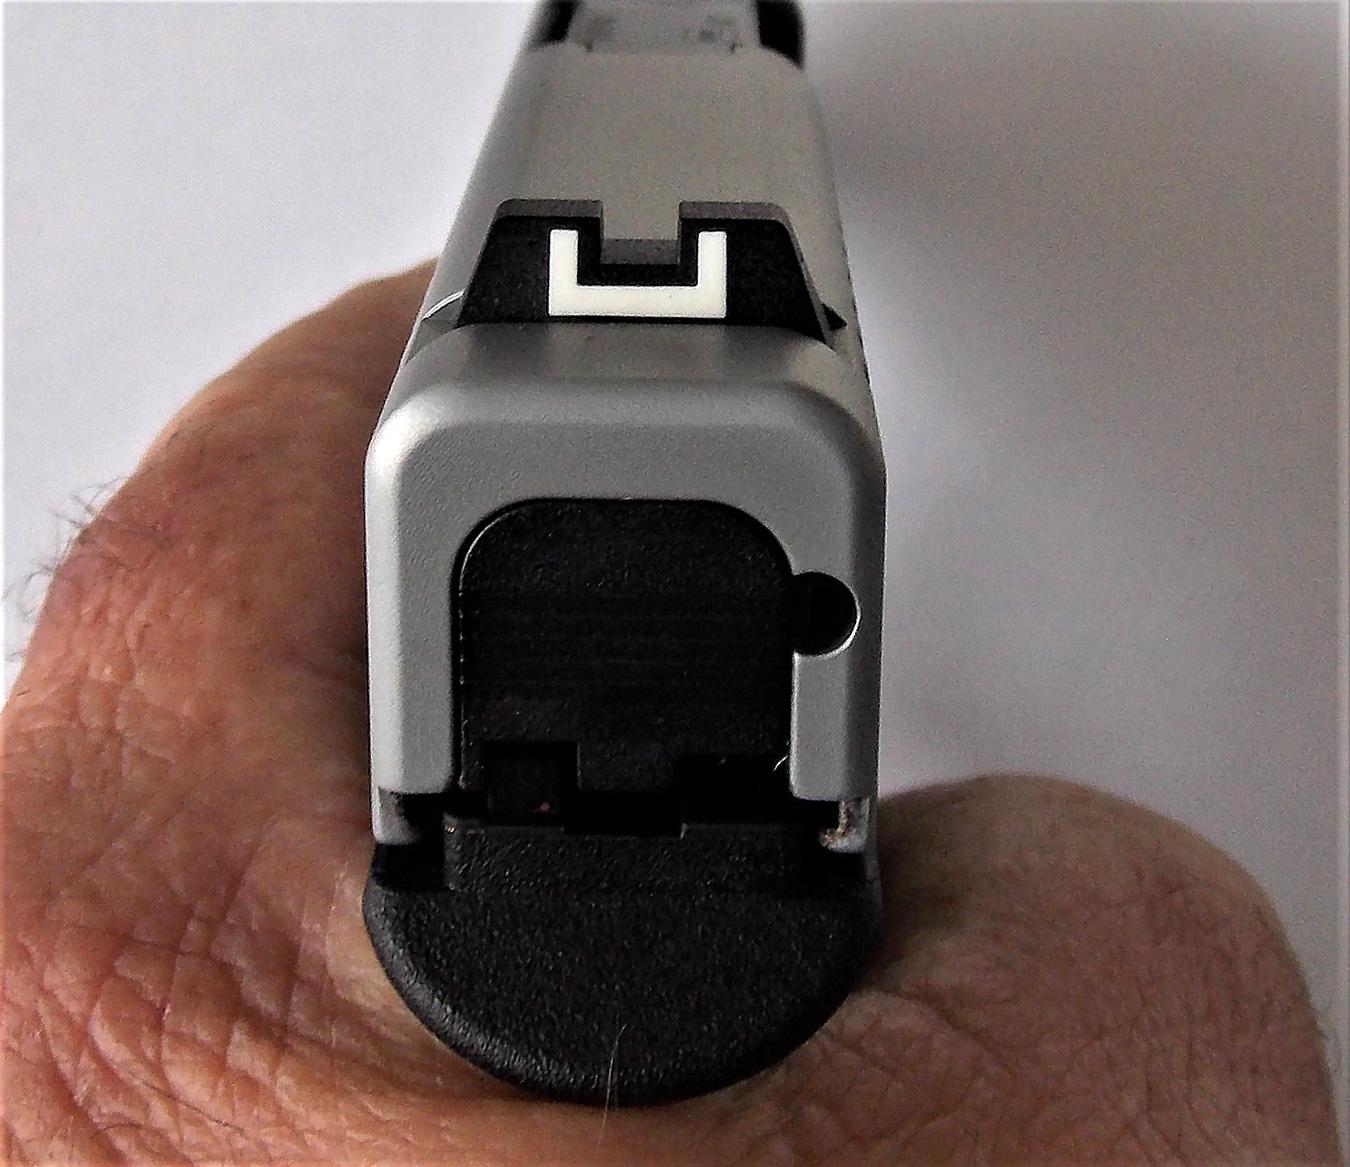 Standard Glock U-shaped rear sight